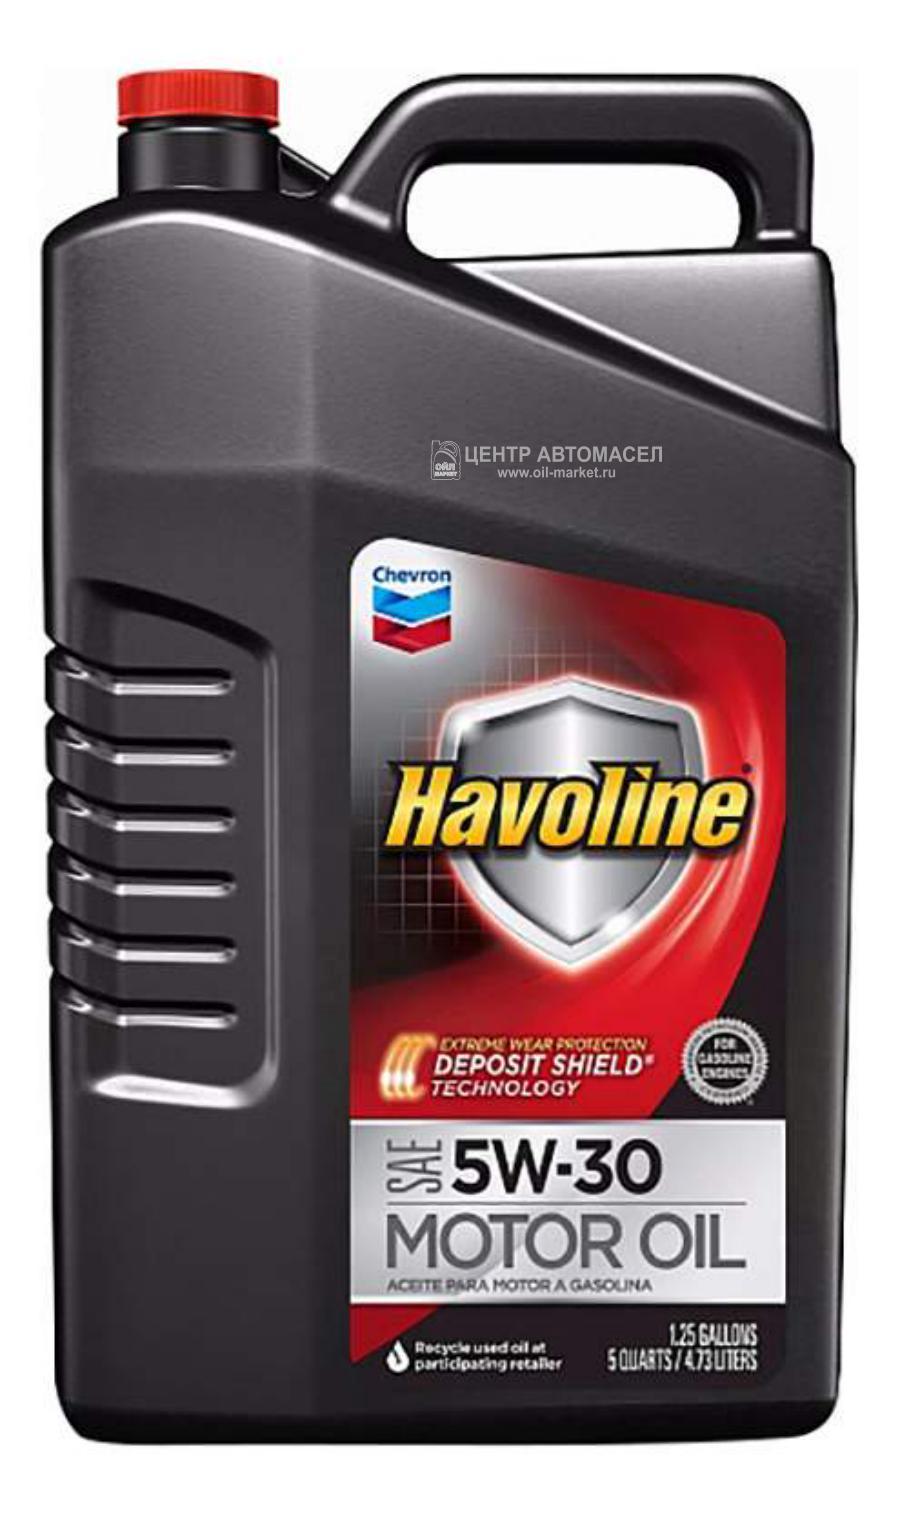 Моторное масло для бензиновых двигателей havoline 5w-30 (3*4,73 л)